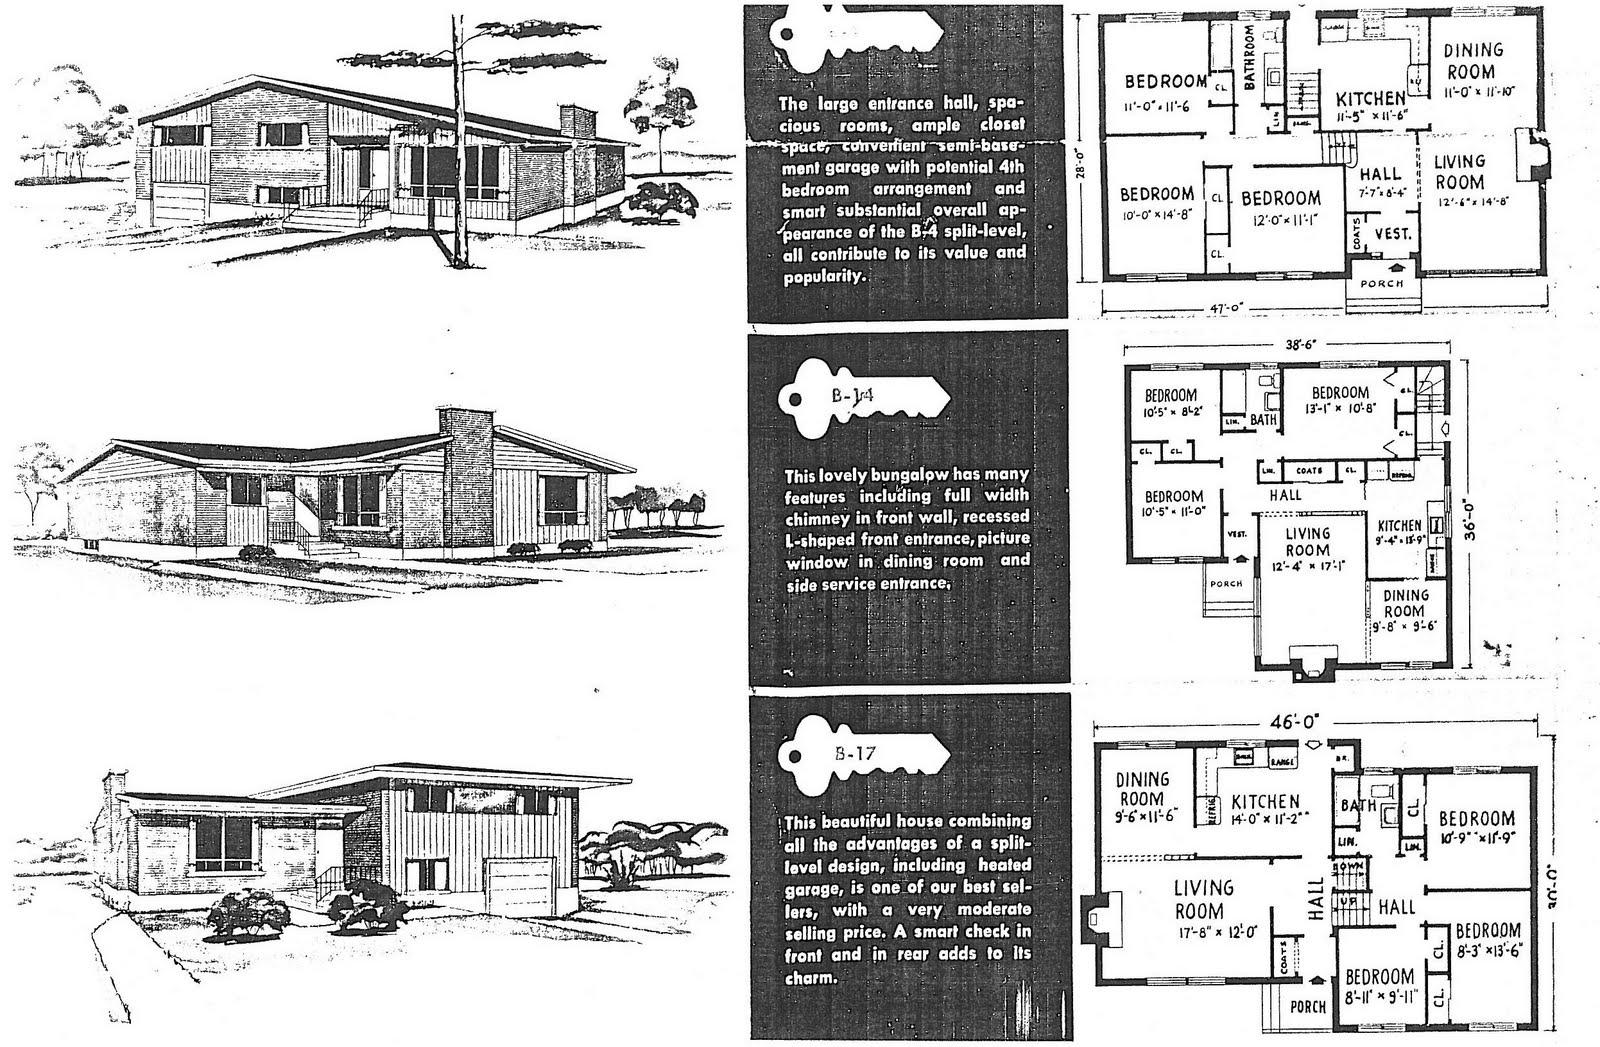 100 1950s bungalow floor plan bi level house plans for 1950 bungalow house plans